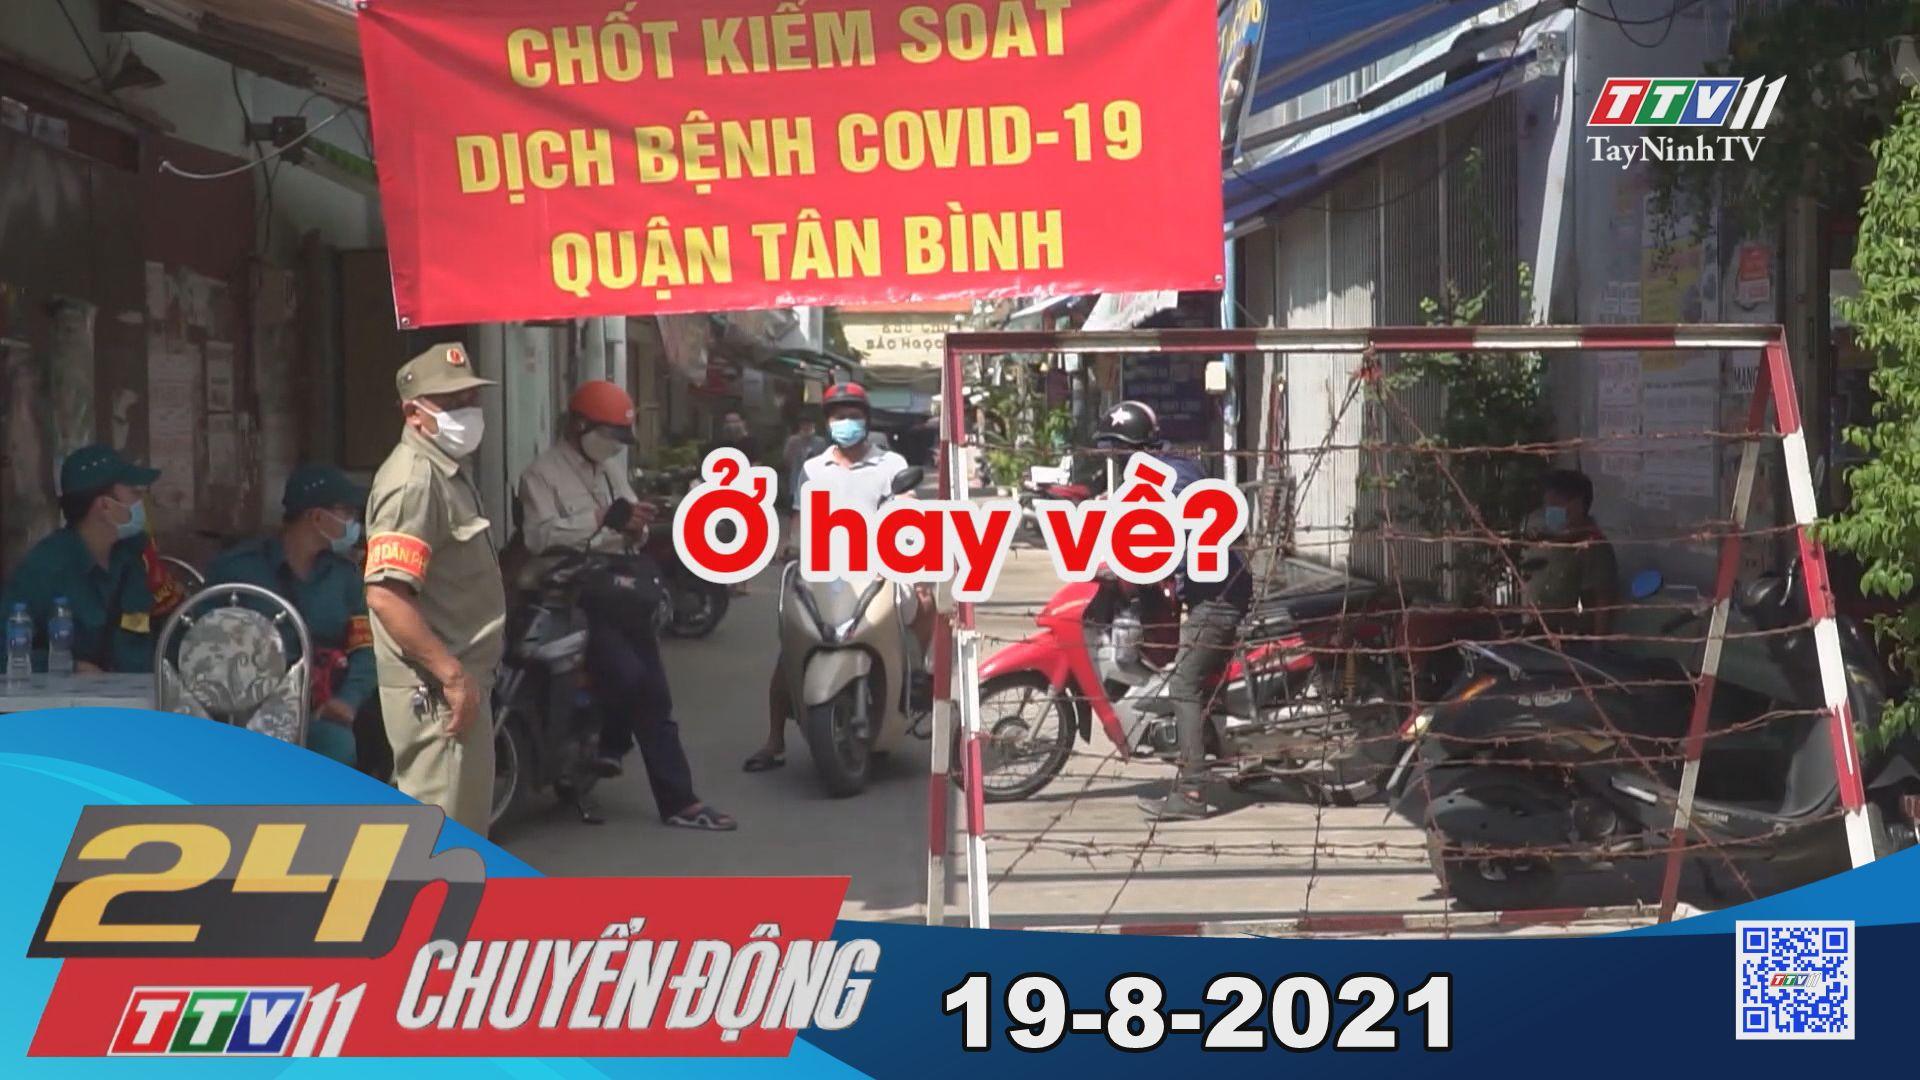 24h Chuyển động 19-8-2021   Tin tức hôm nay   TayNinhTV